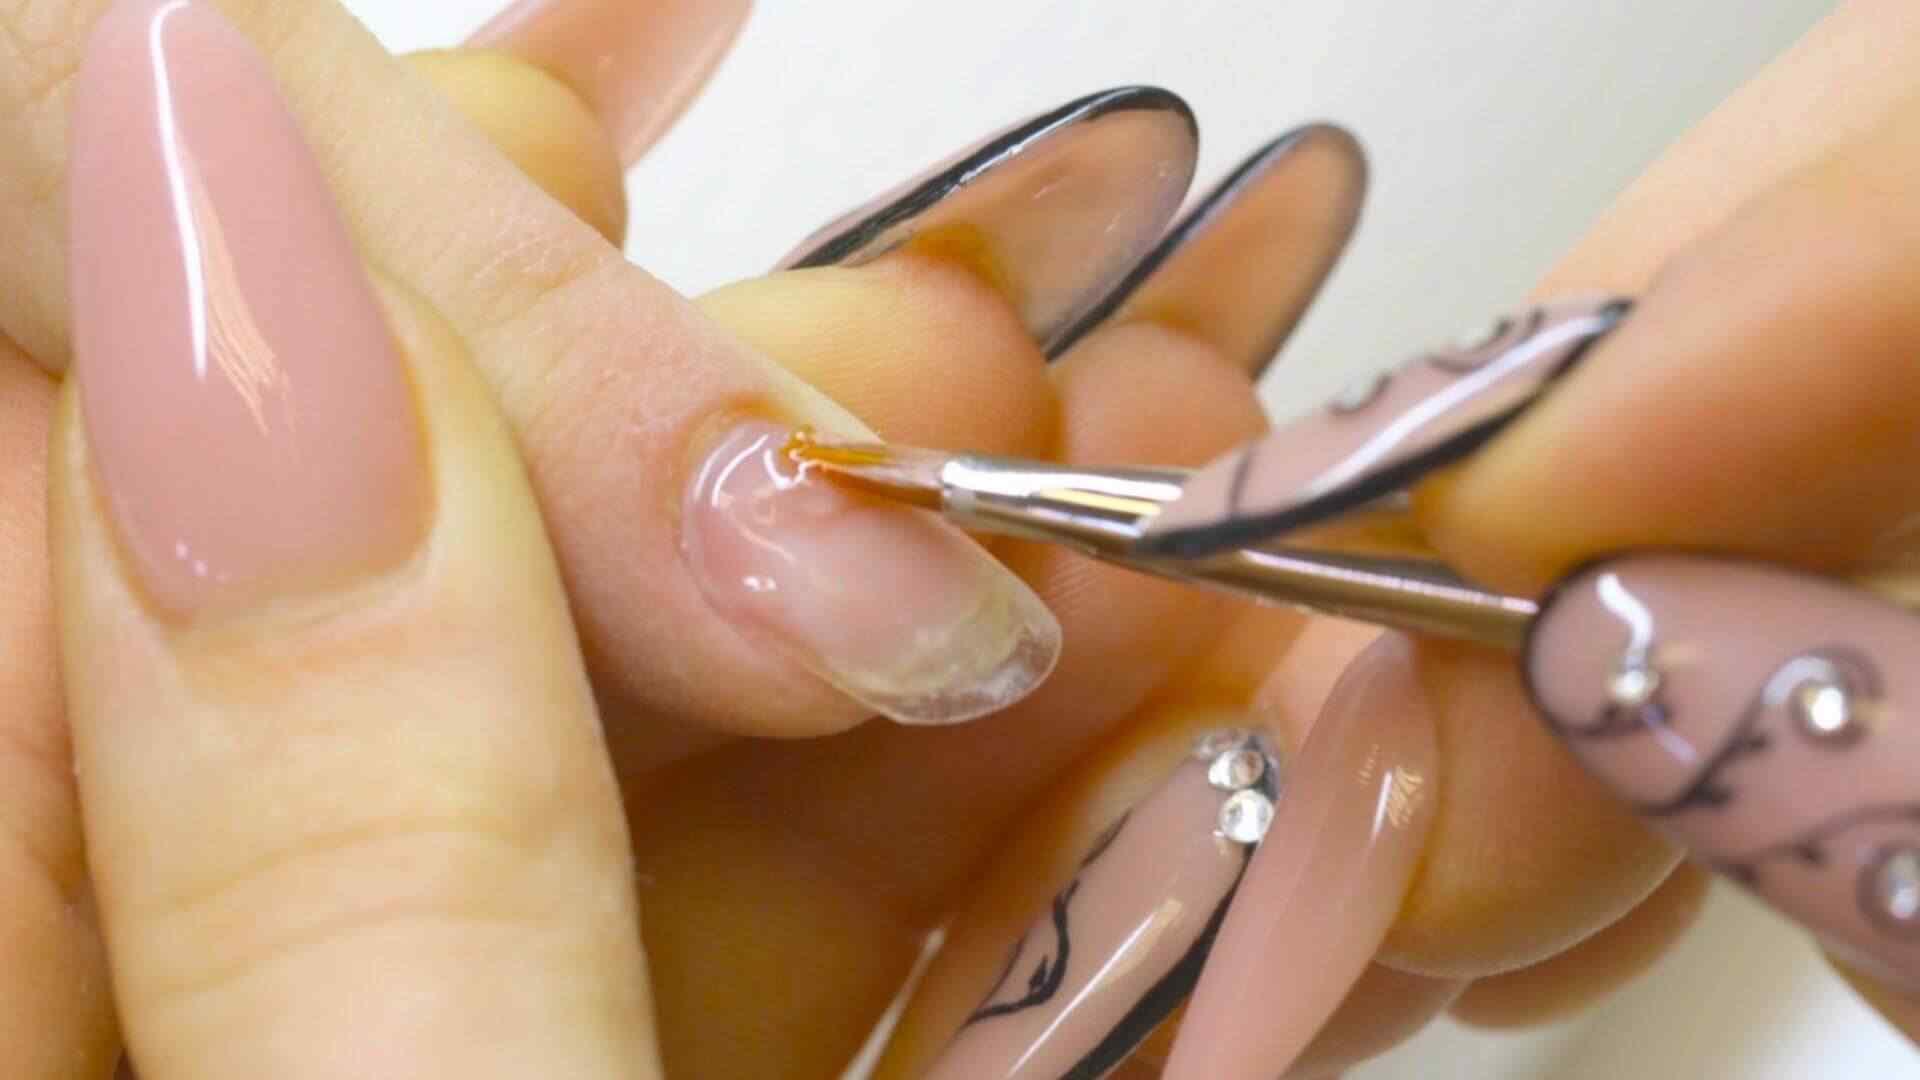 Mantenimiento - relleno de uñas acrílicas